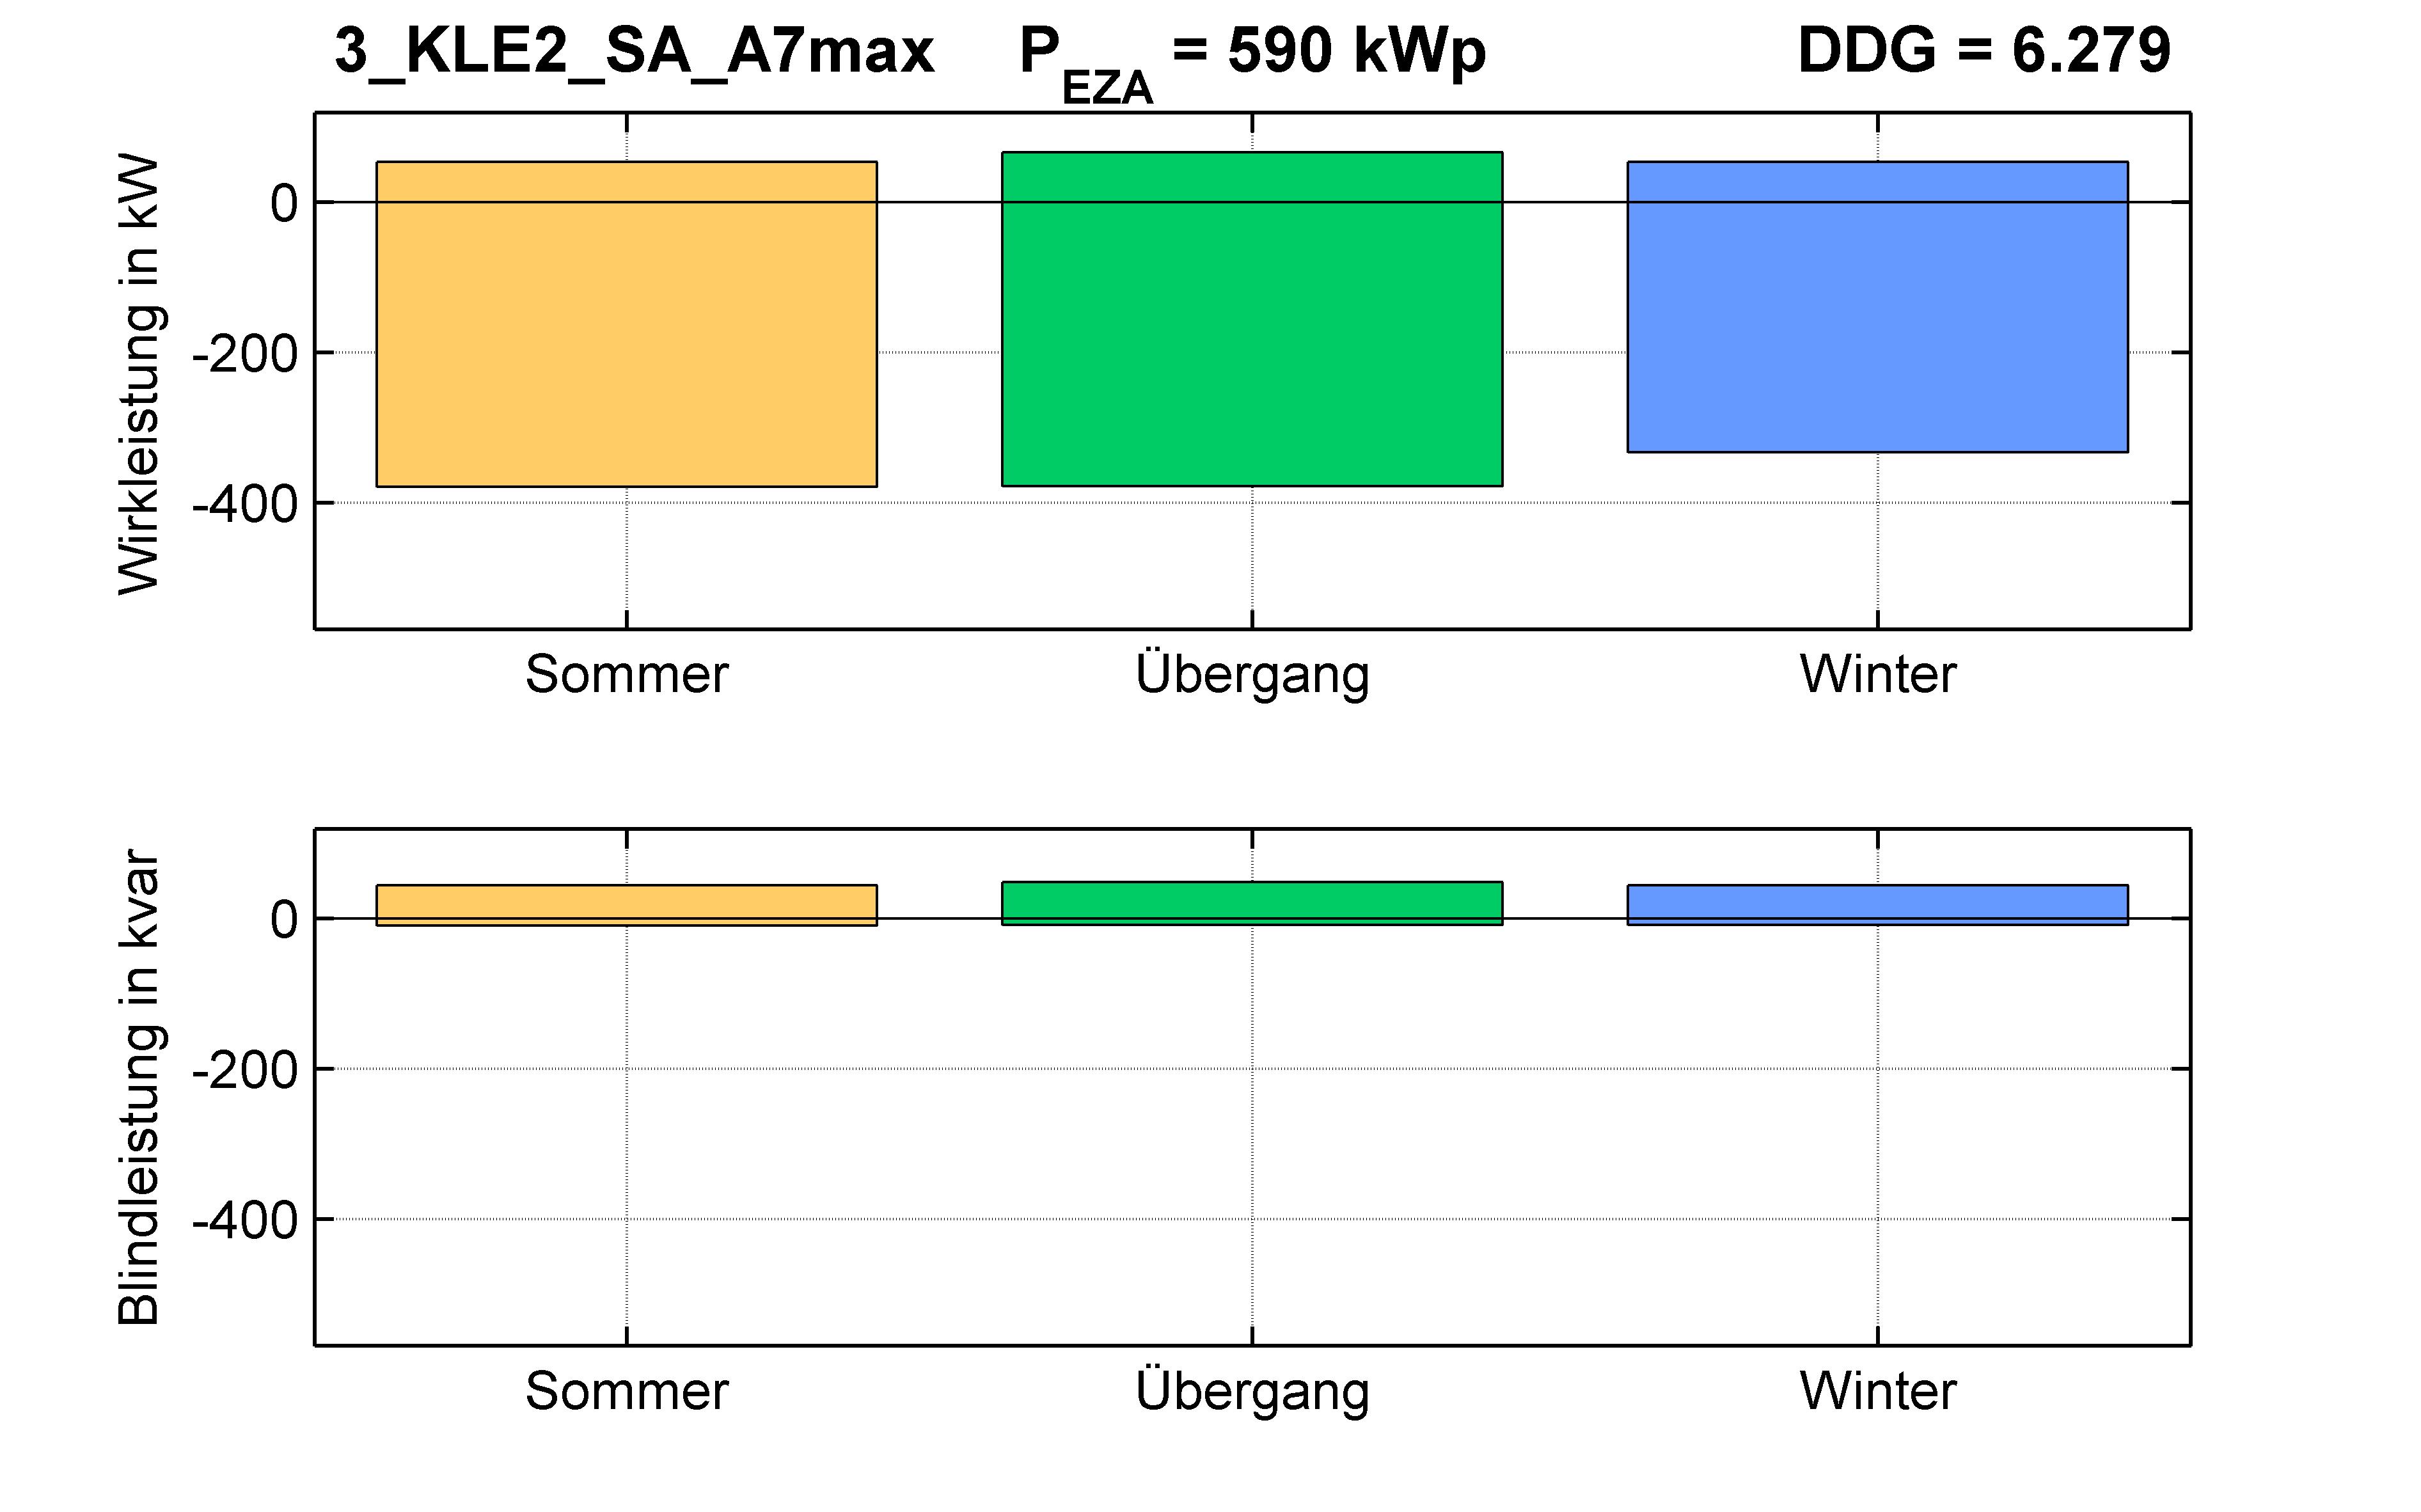 KLE2 | P-Kappung 70% (SA) A7max | PQ-Bilanz